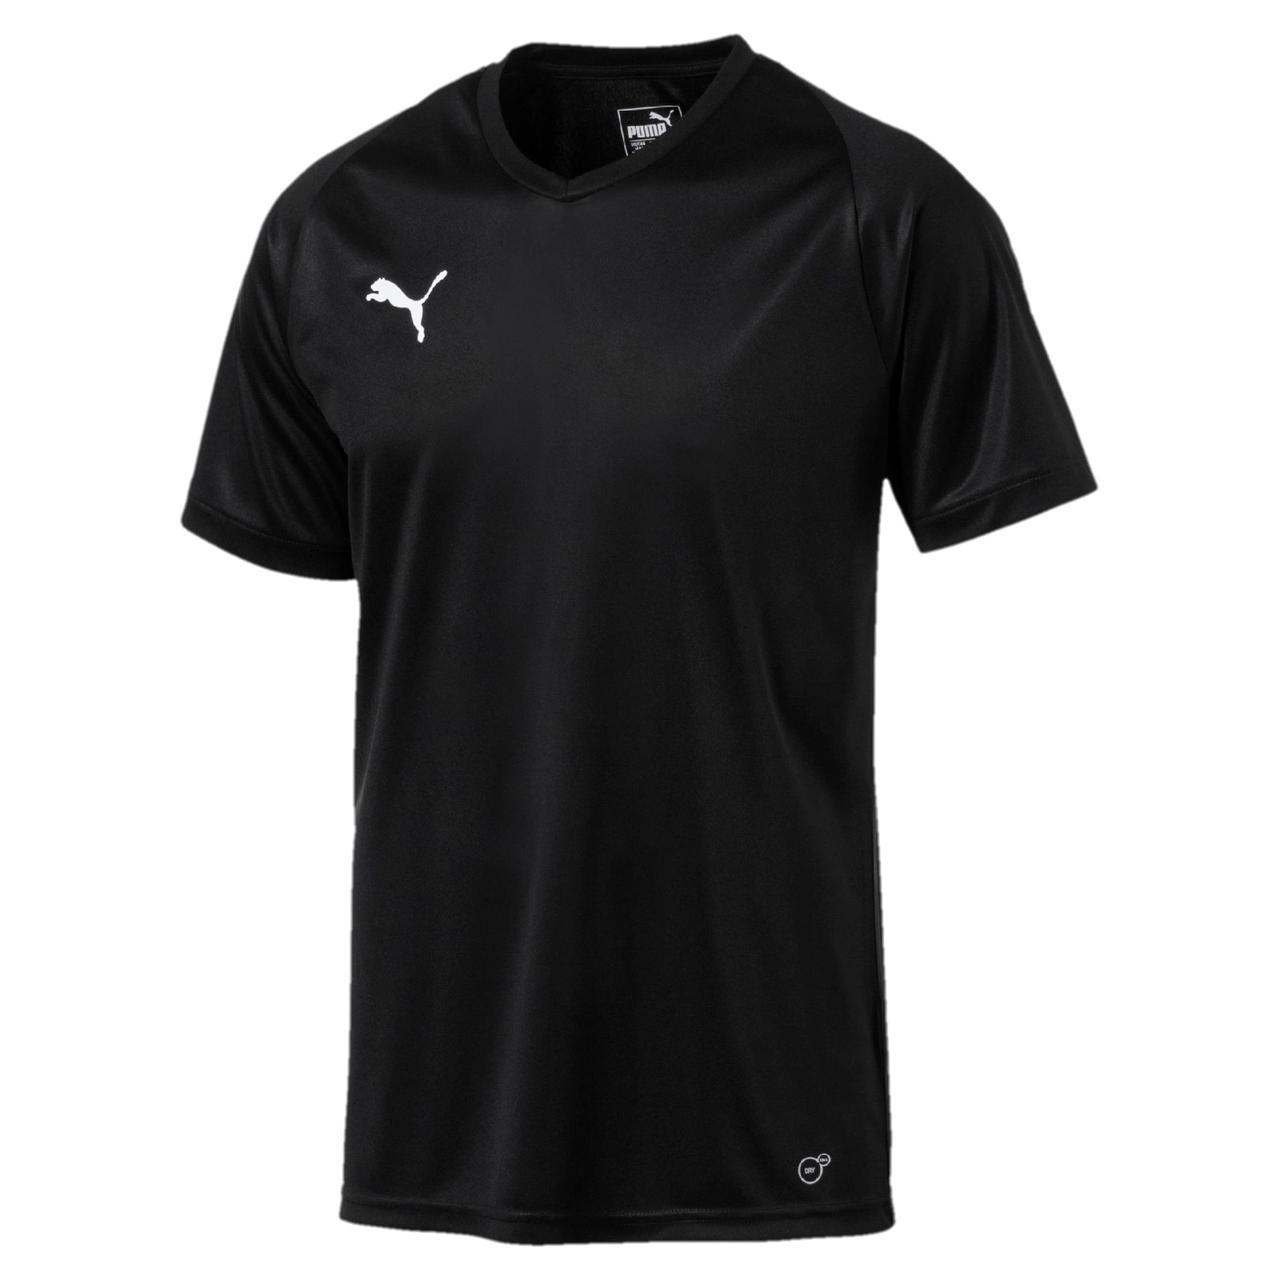 Футболка спортивная мужская Puma Liga Core Jersey 703509 03 (черная, полиэстер, для тренировок, логотип пума)